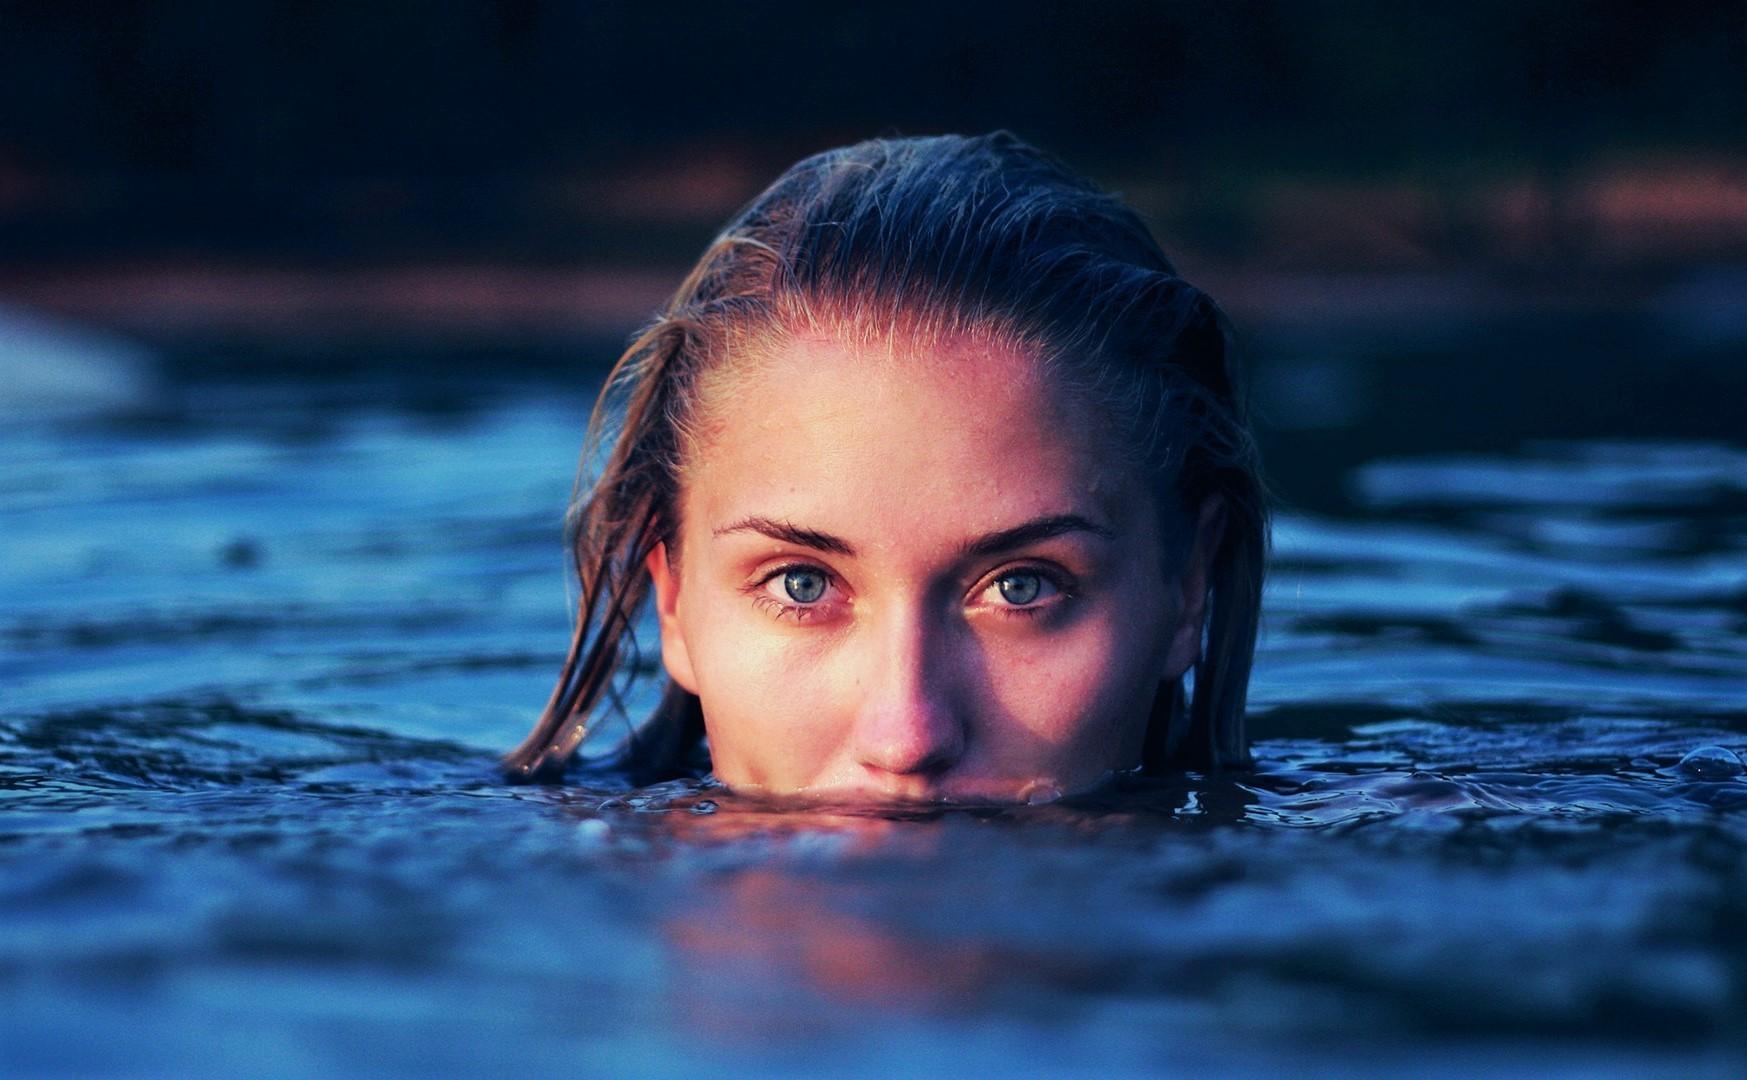 Почему у человека в воде болят глаза?